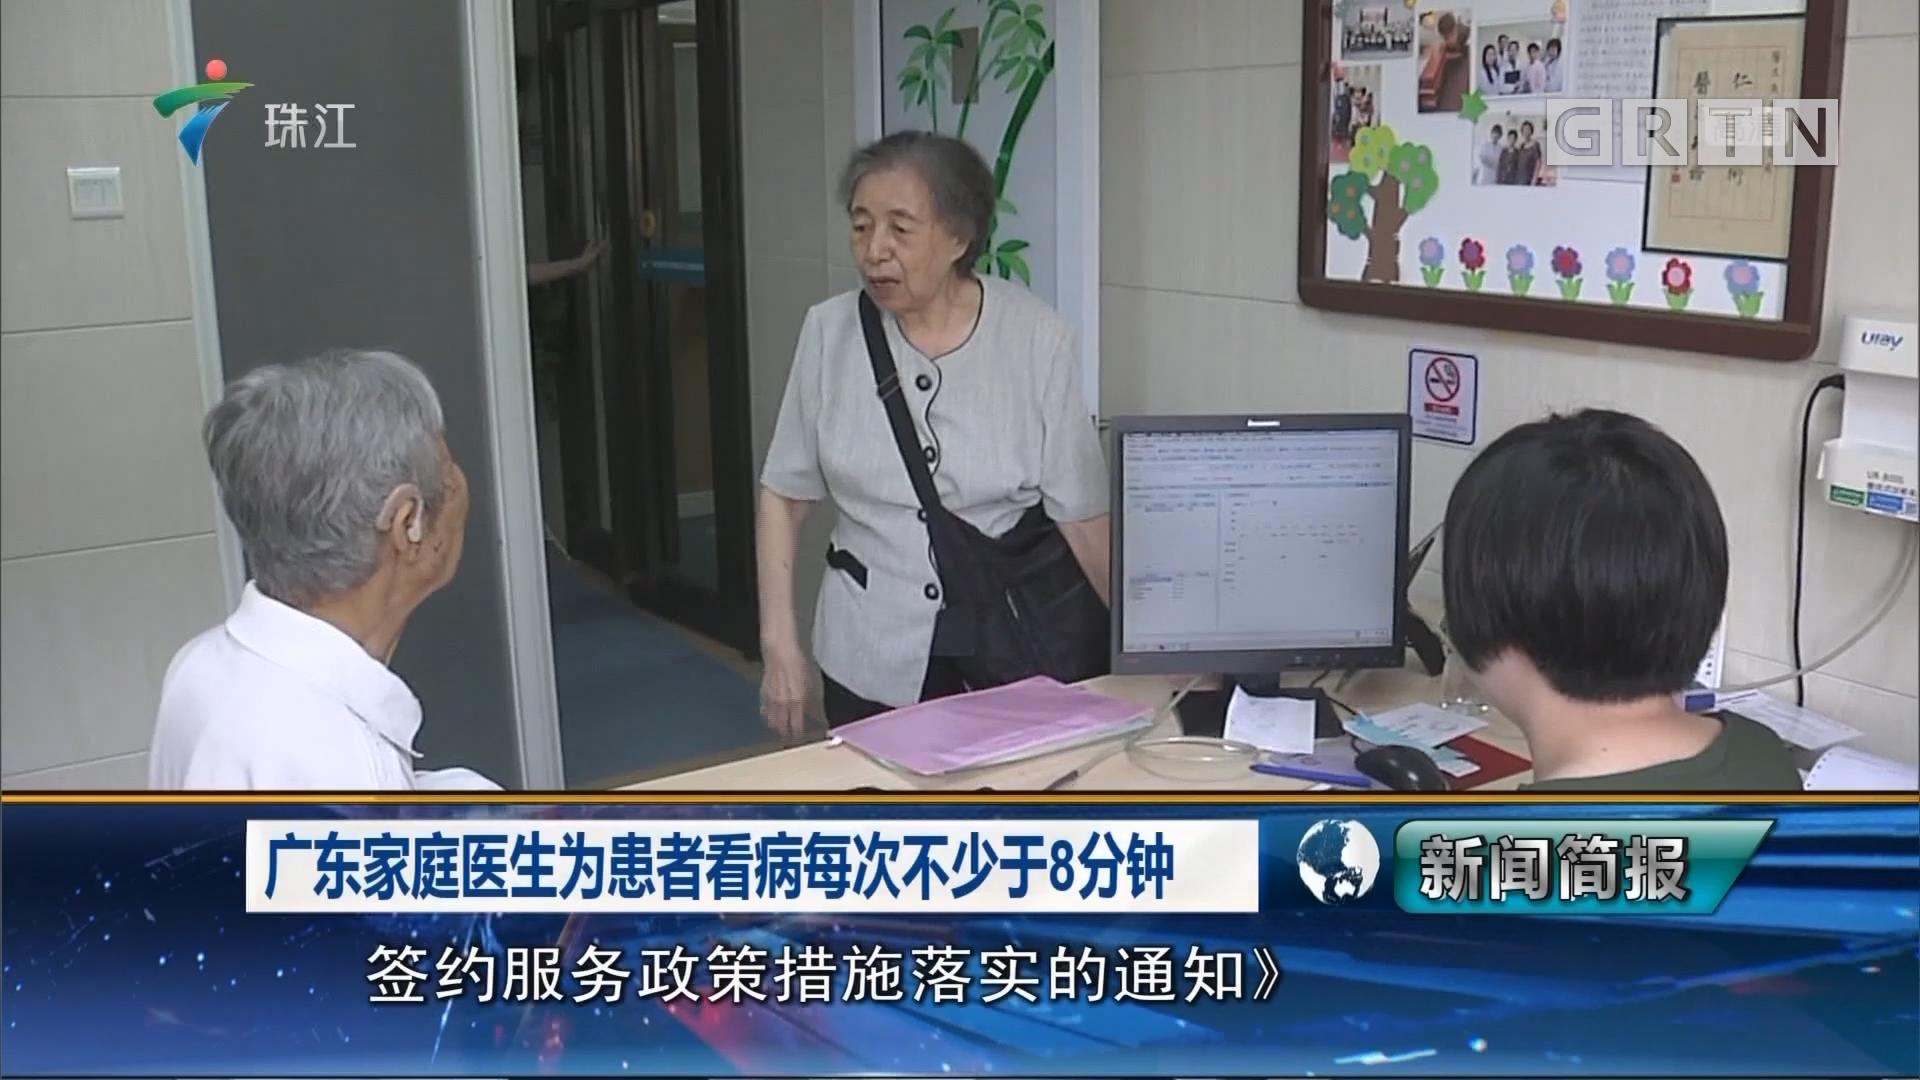 广东家庭医生为患者看病每次不少于8分钟